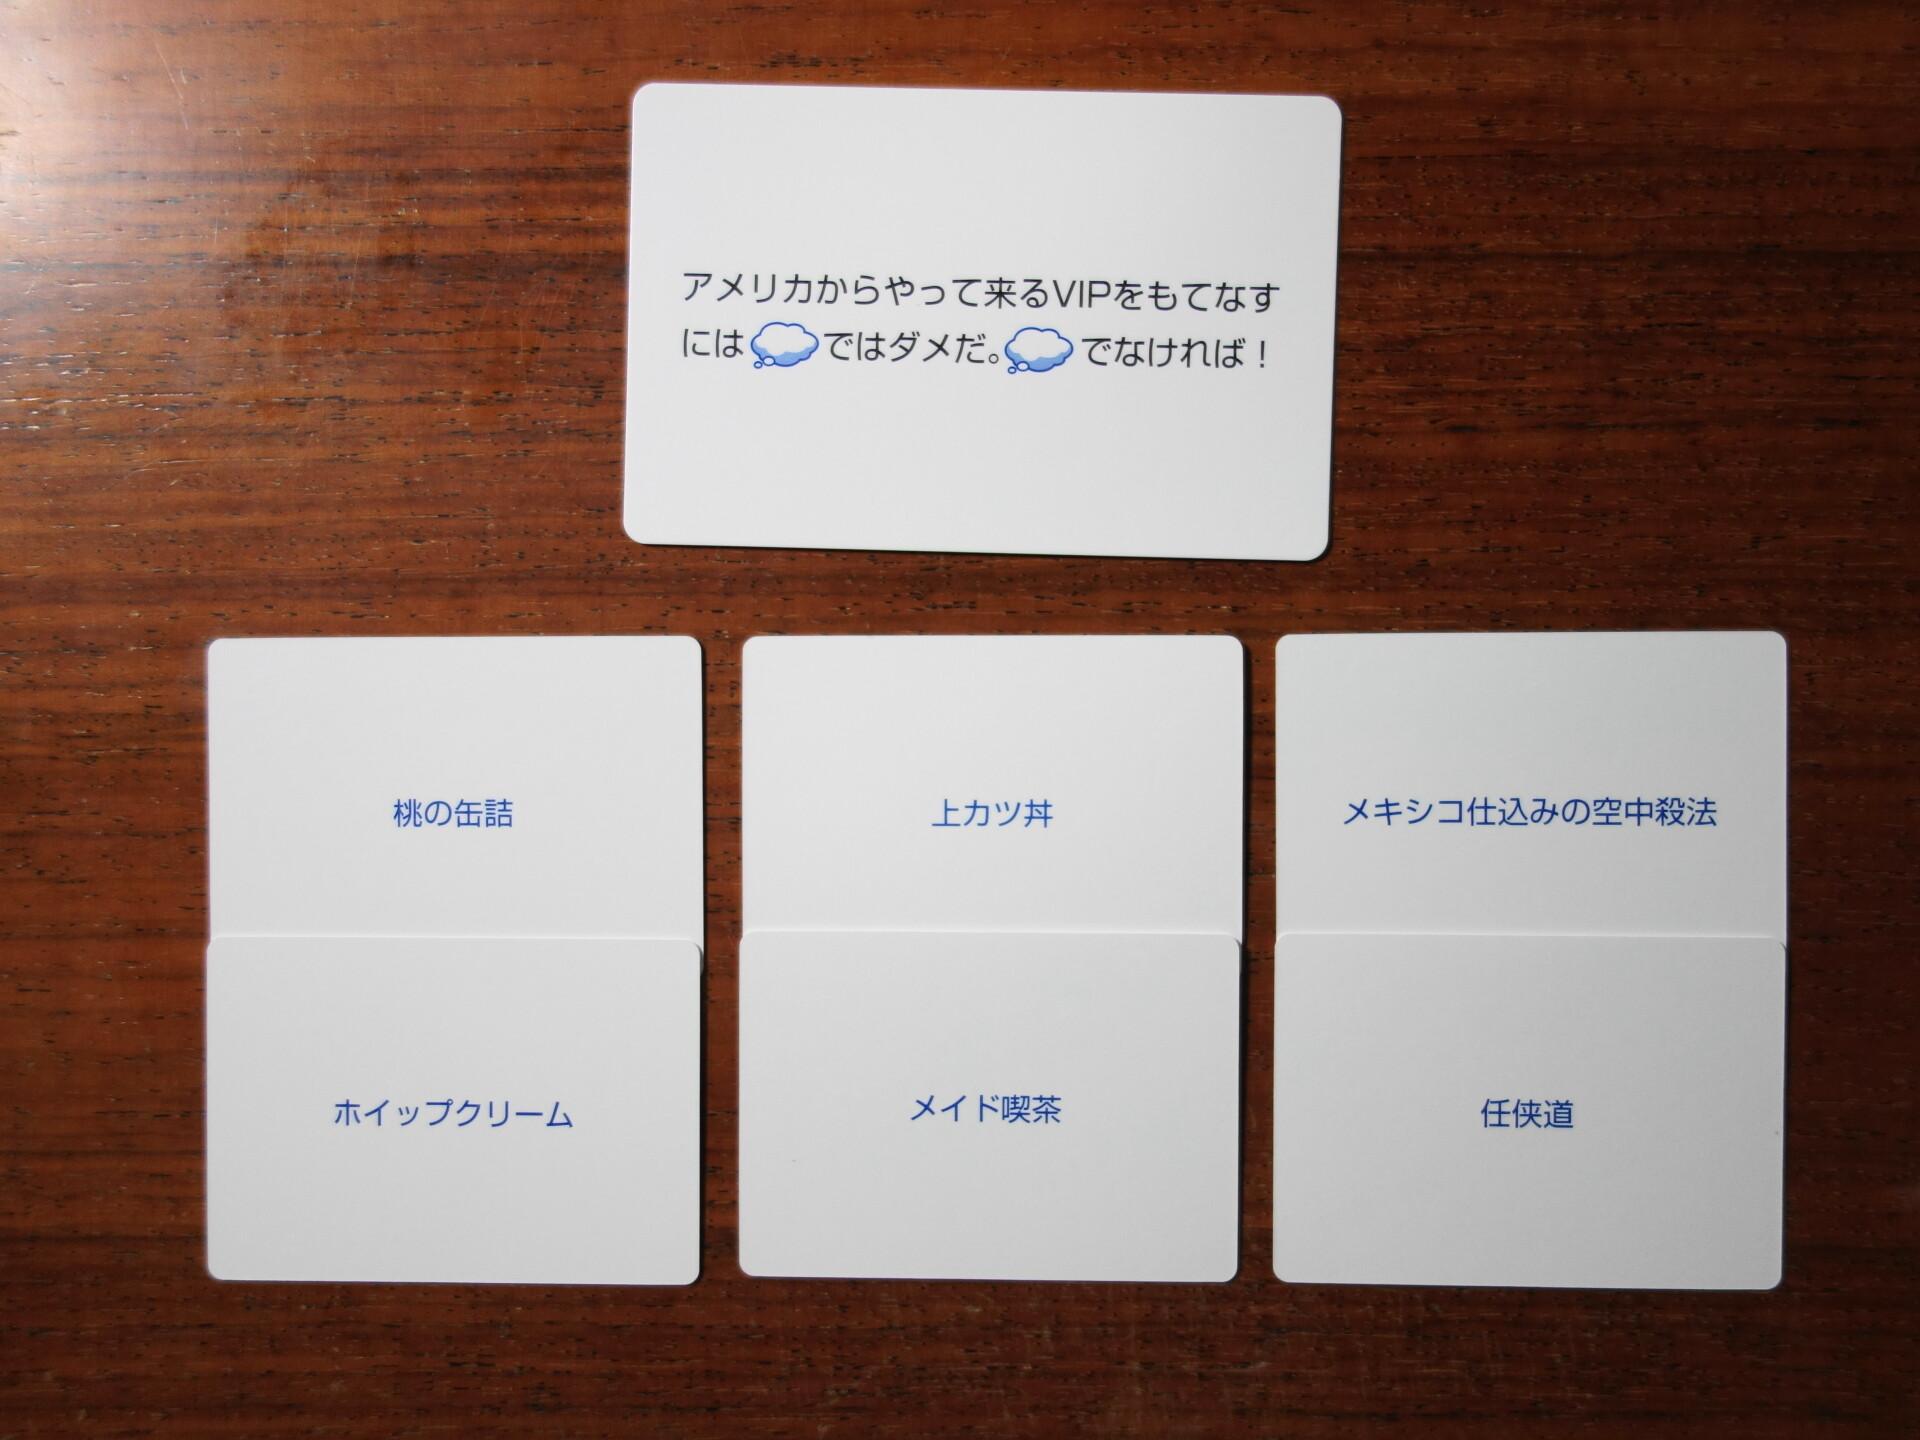 2つのお題が1枚のカードにある例